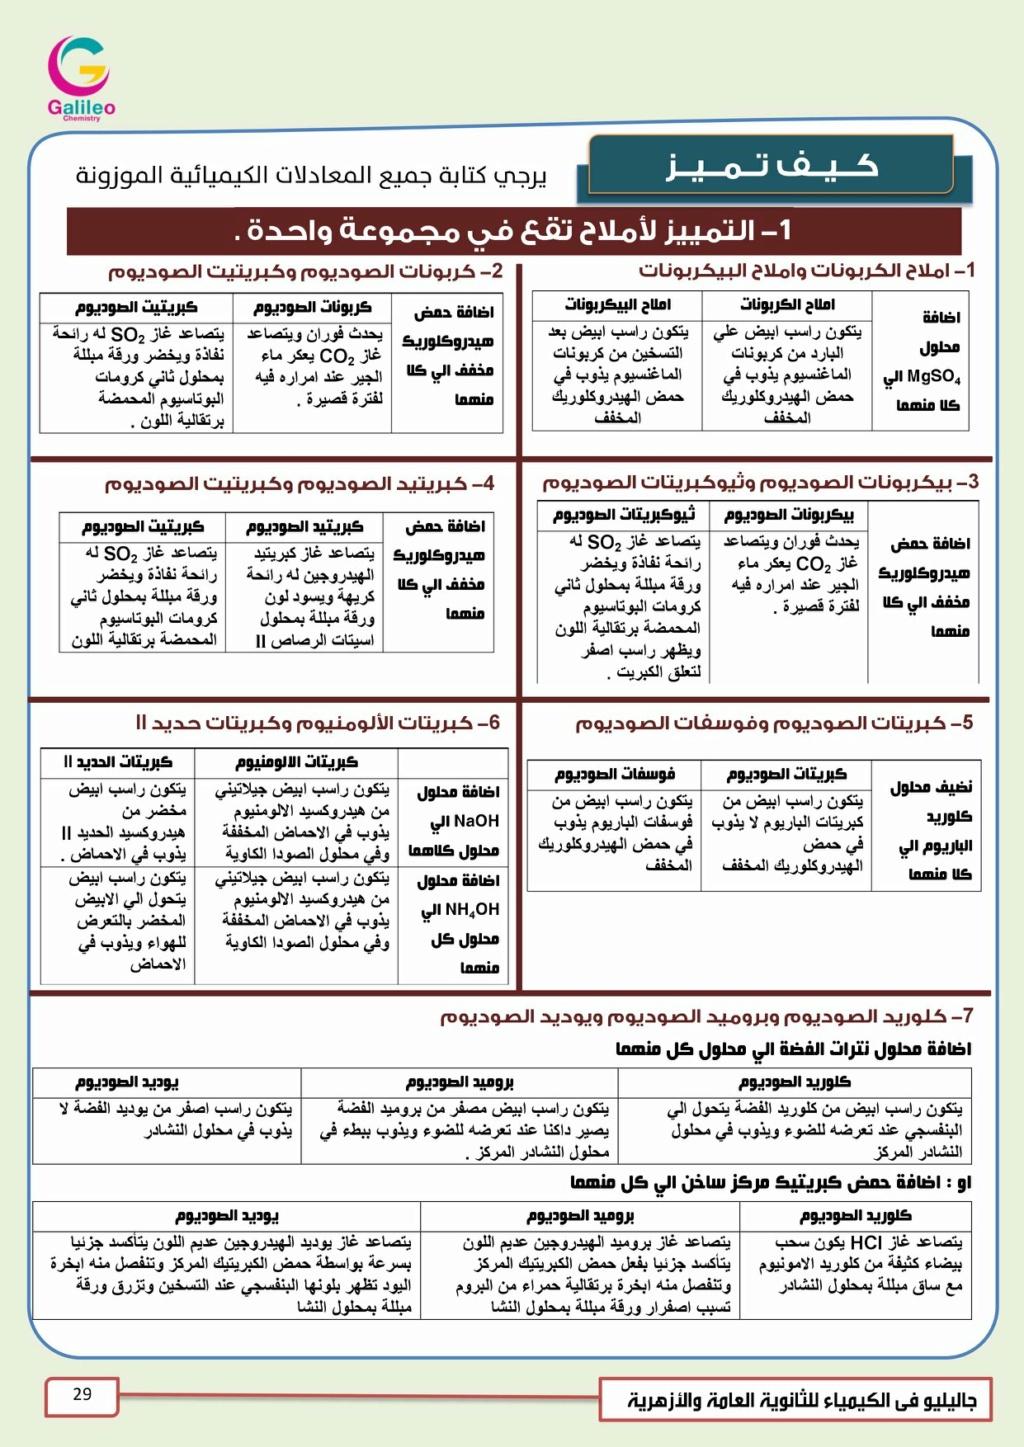 مراجعة الكيمياء التحليلية للثانوية العامة بالنظام الجديد  أ/ على محسن 1449